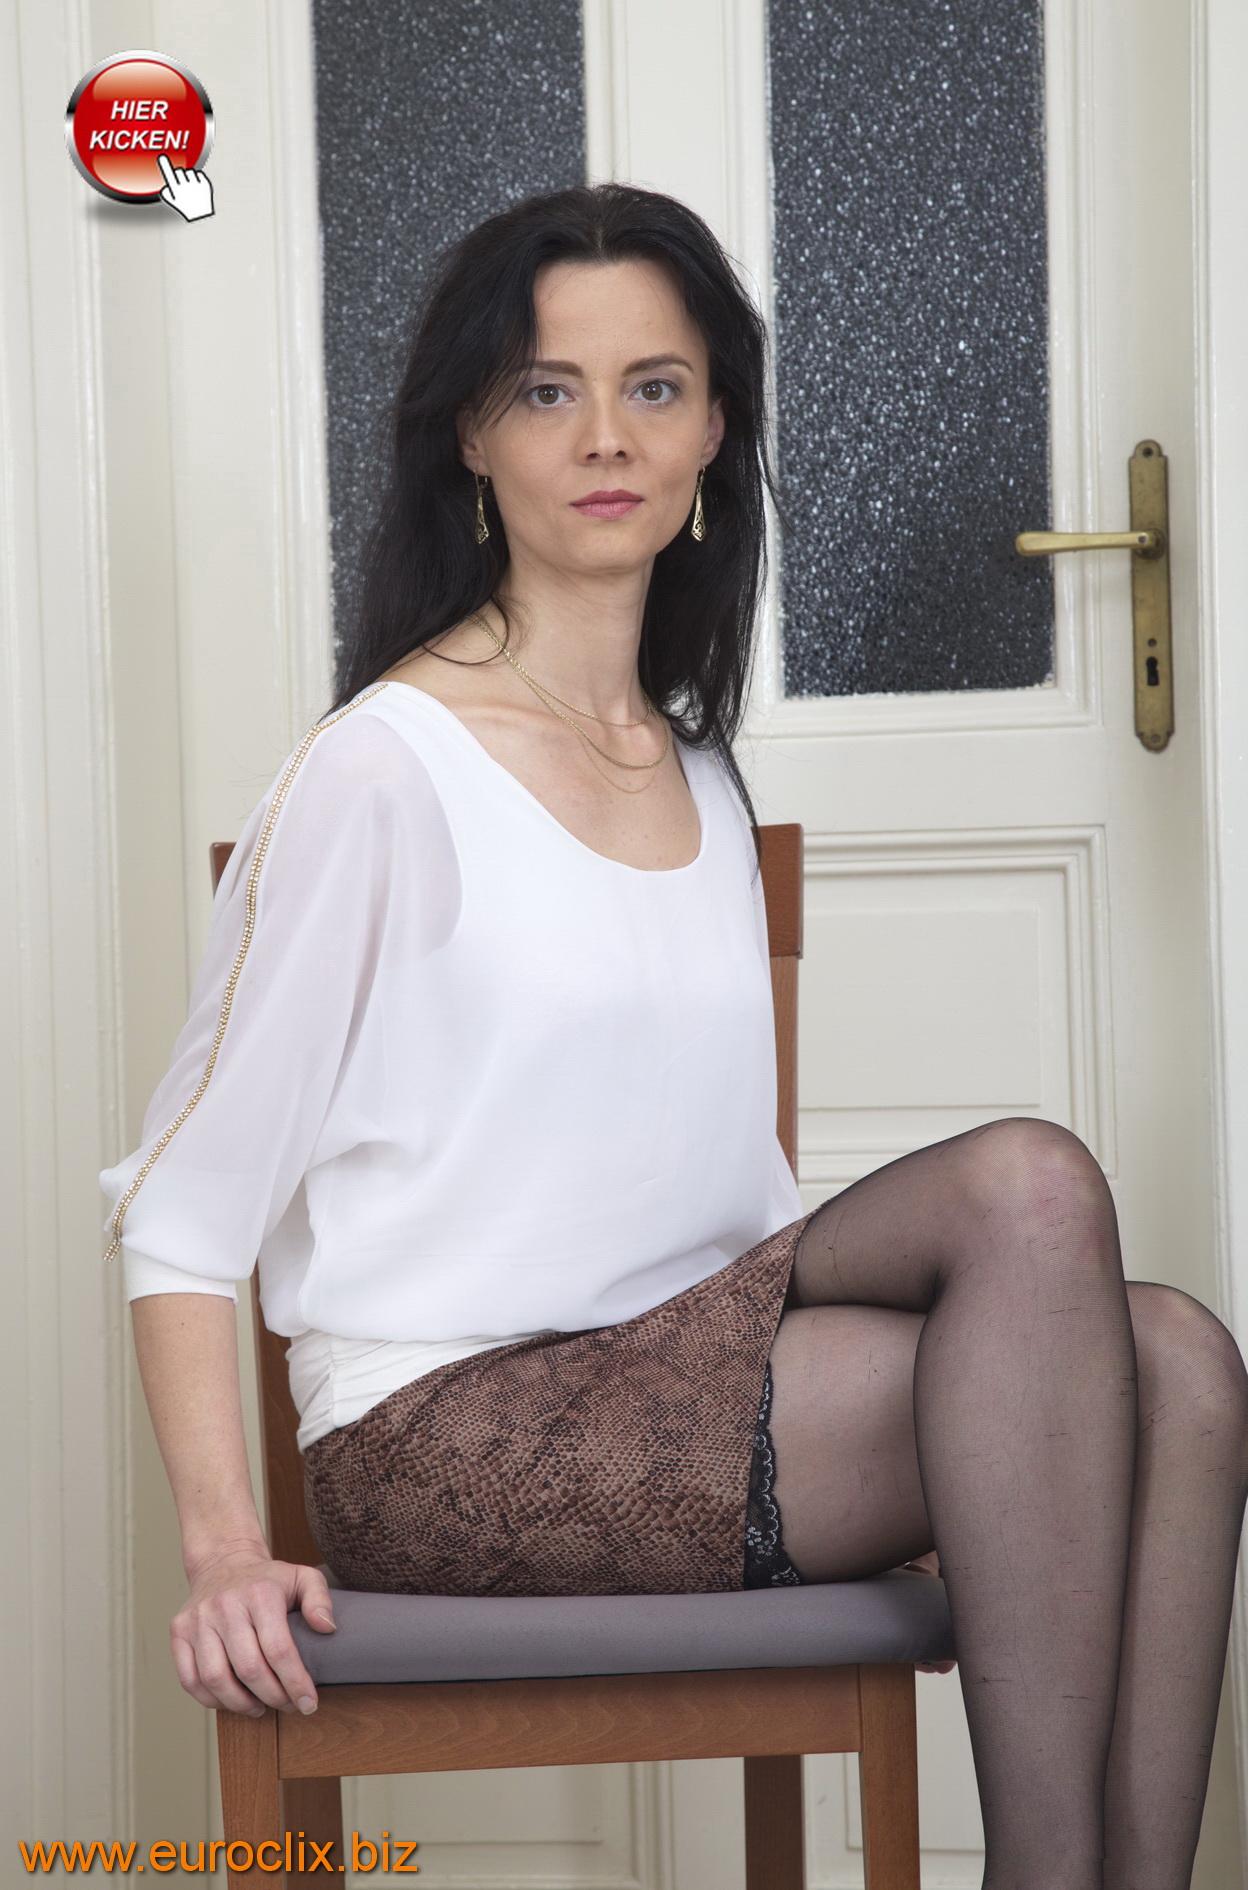 Diana ist eine schwarzhaarige Hausfrau aus Hannover in den besten Jahren